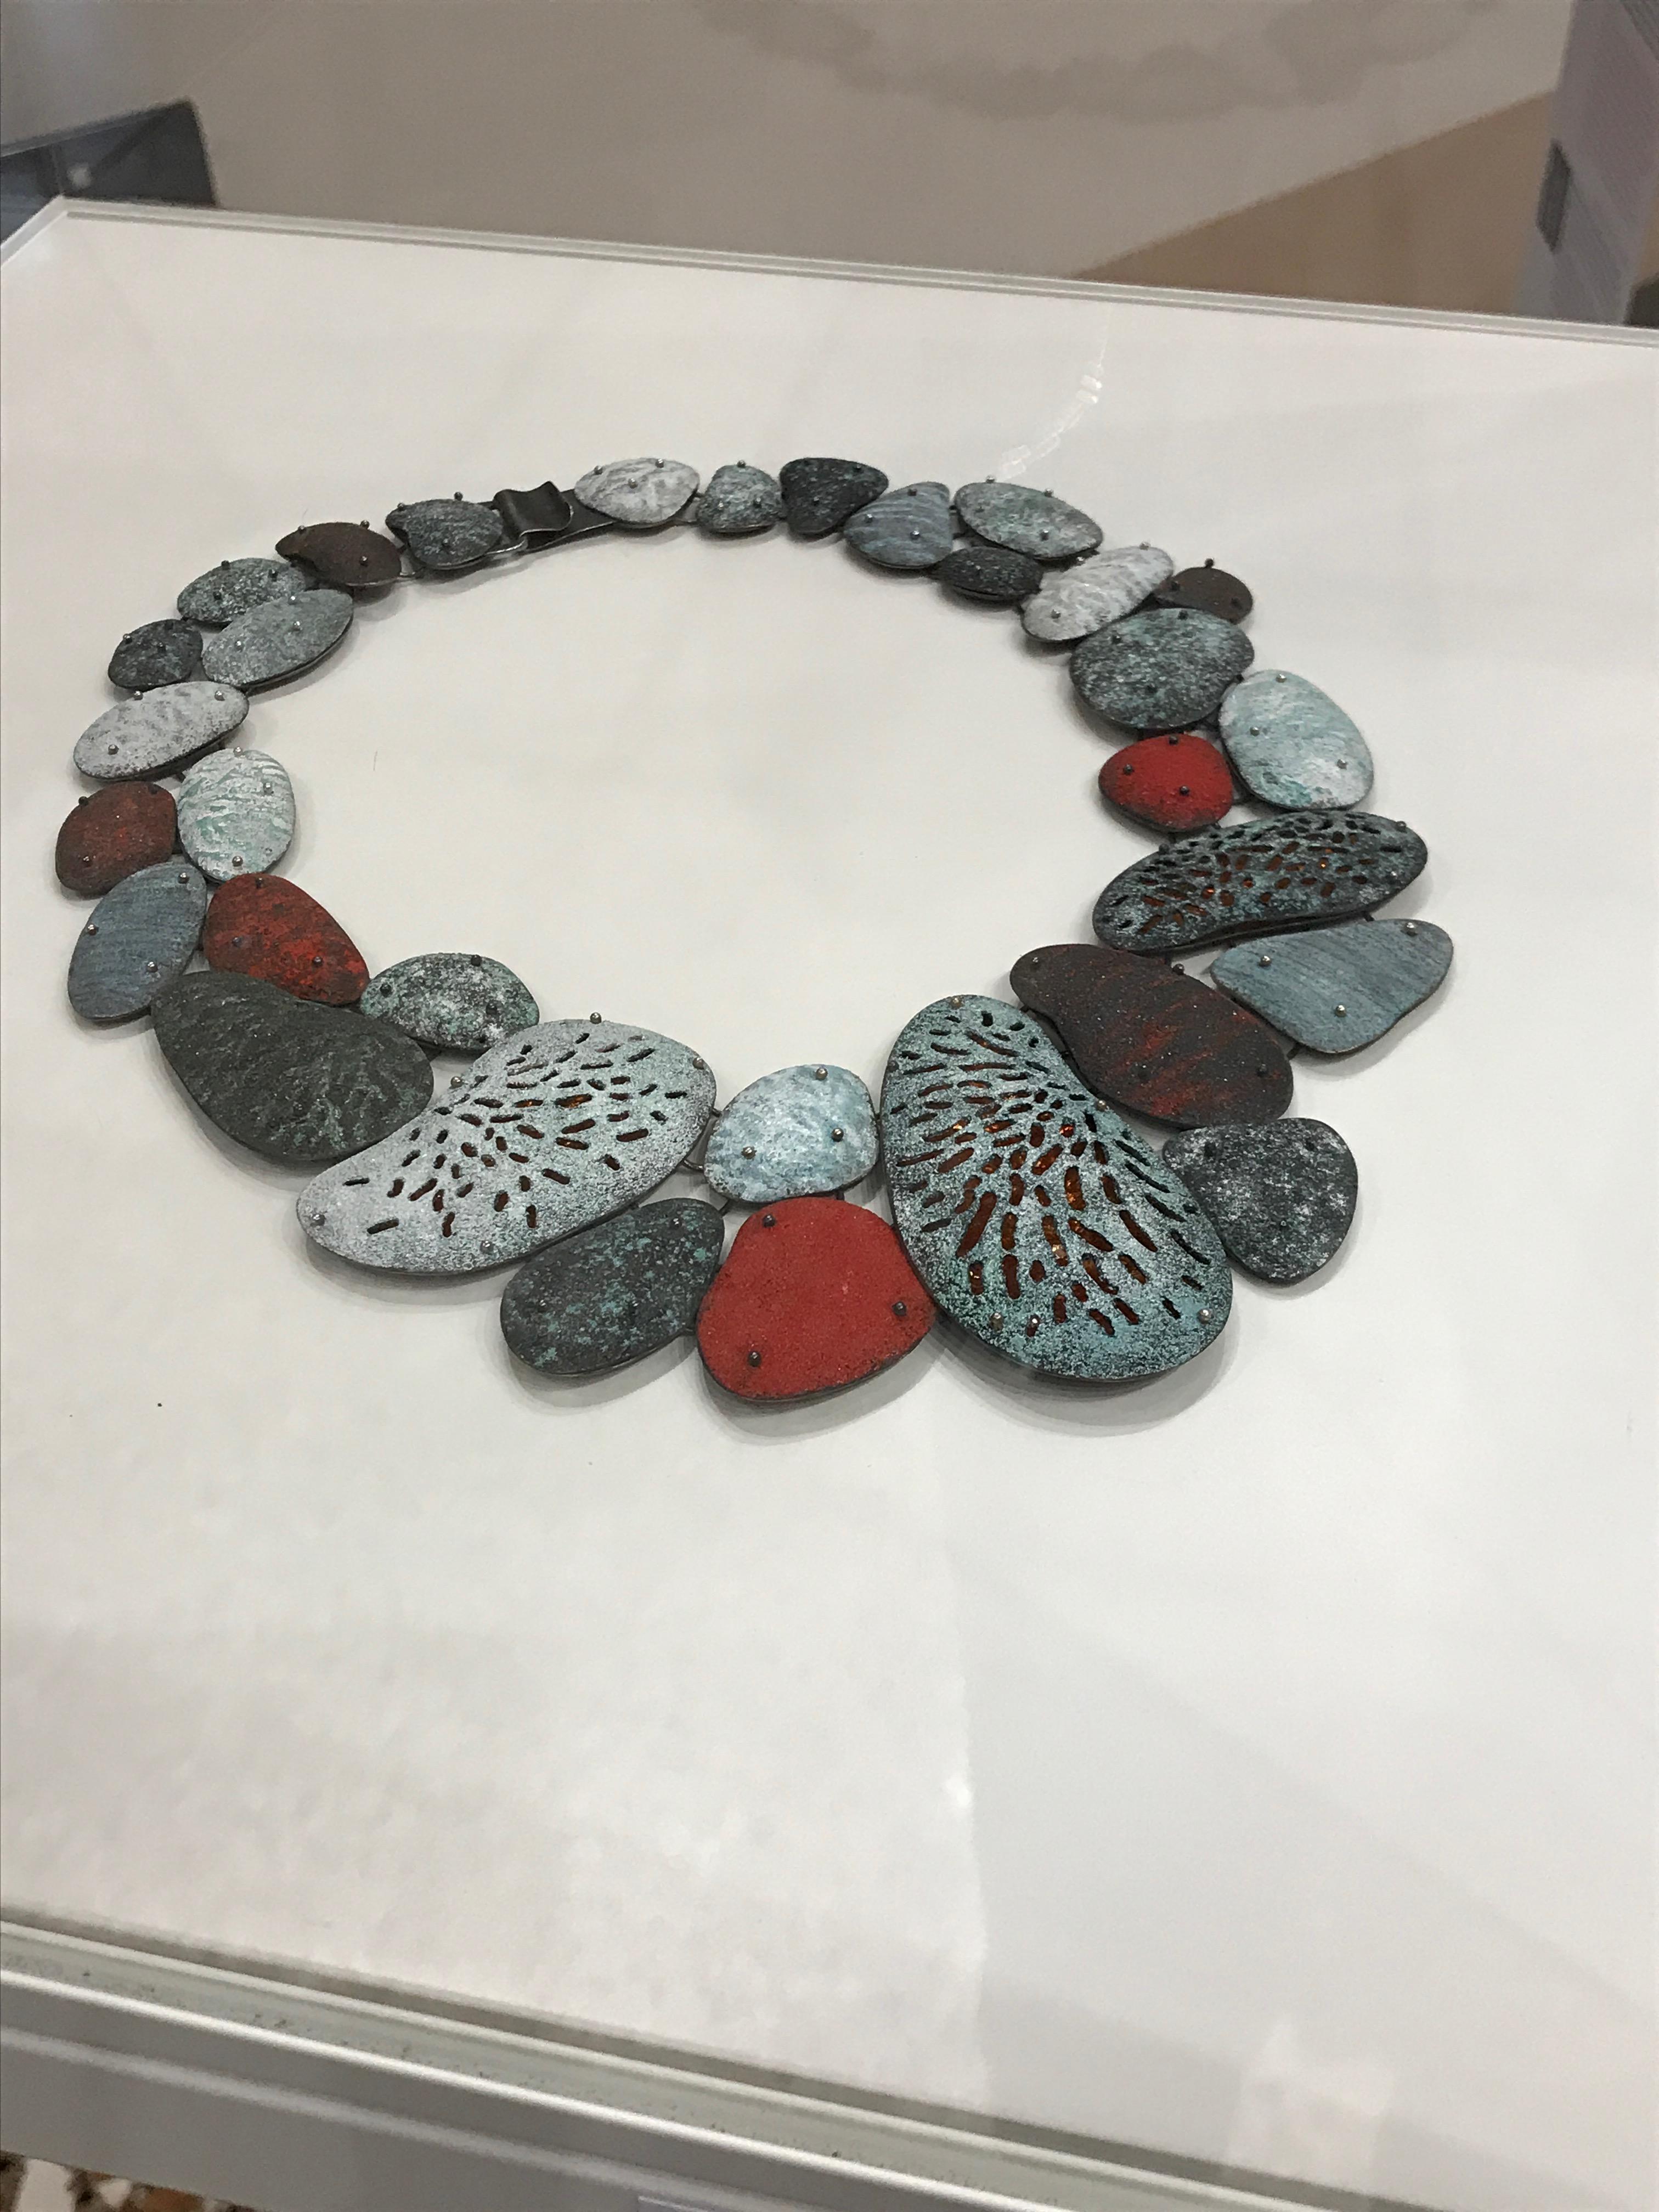 Nicola Heinemann - 1st prize VDW Jewelry 2017